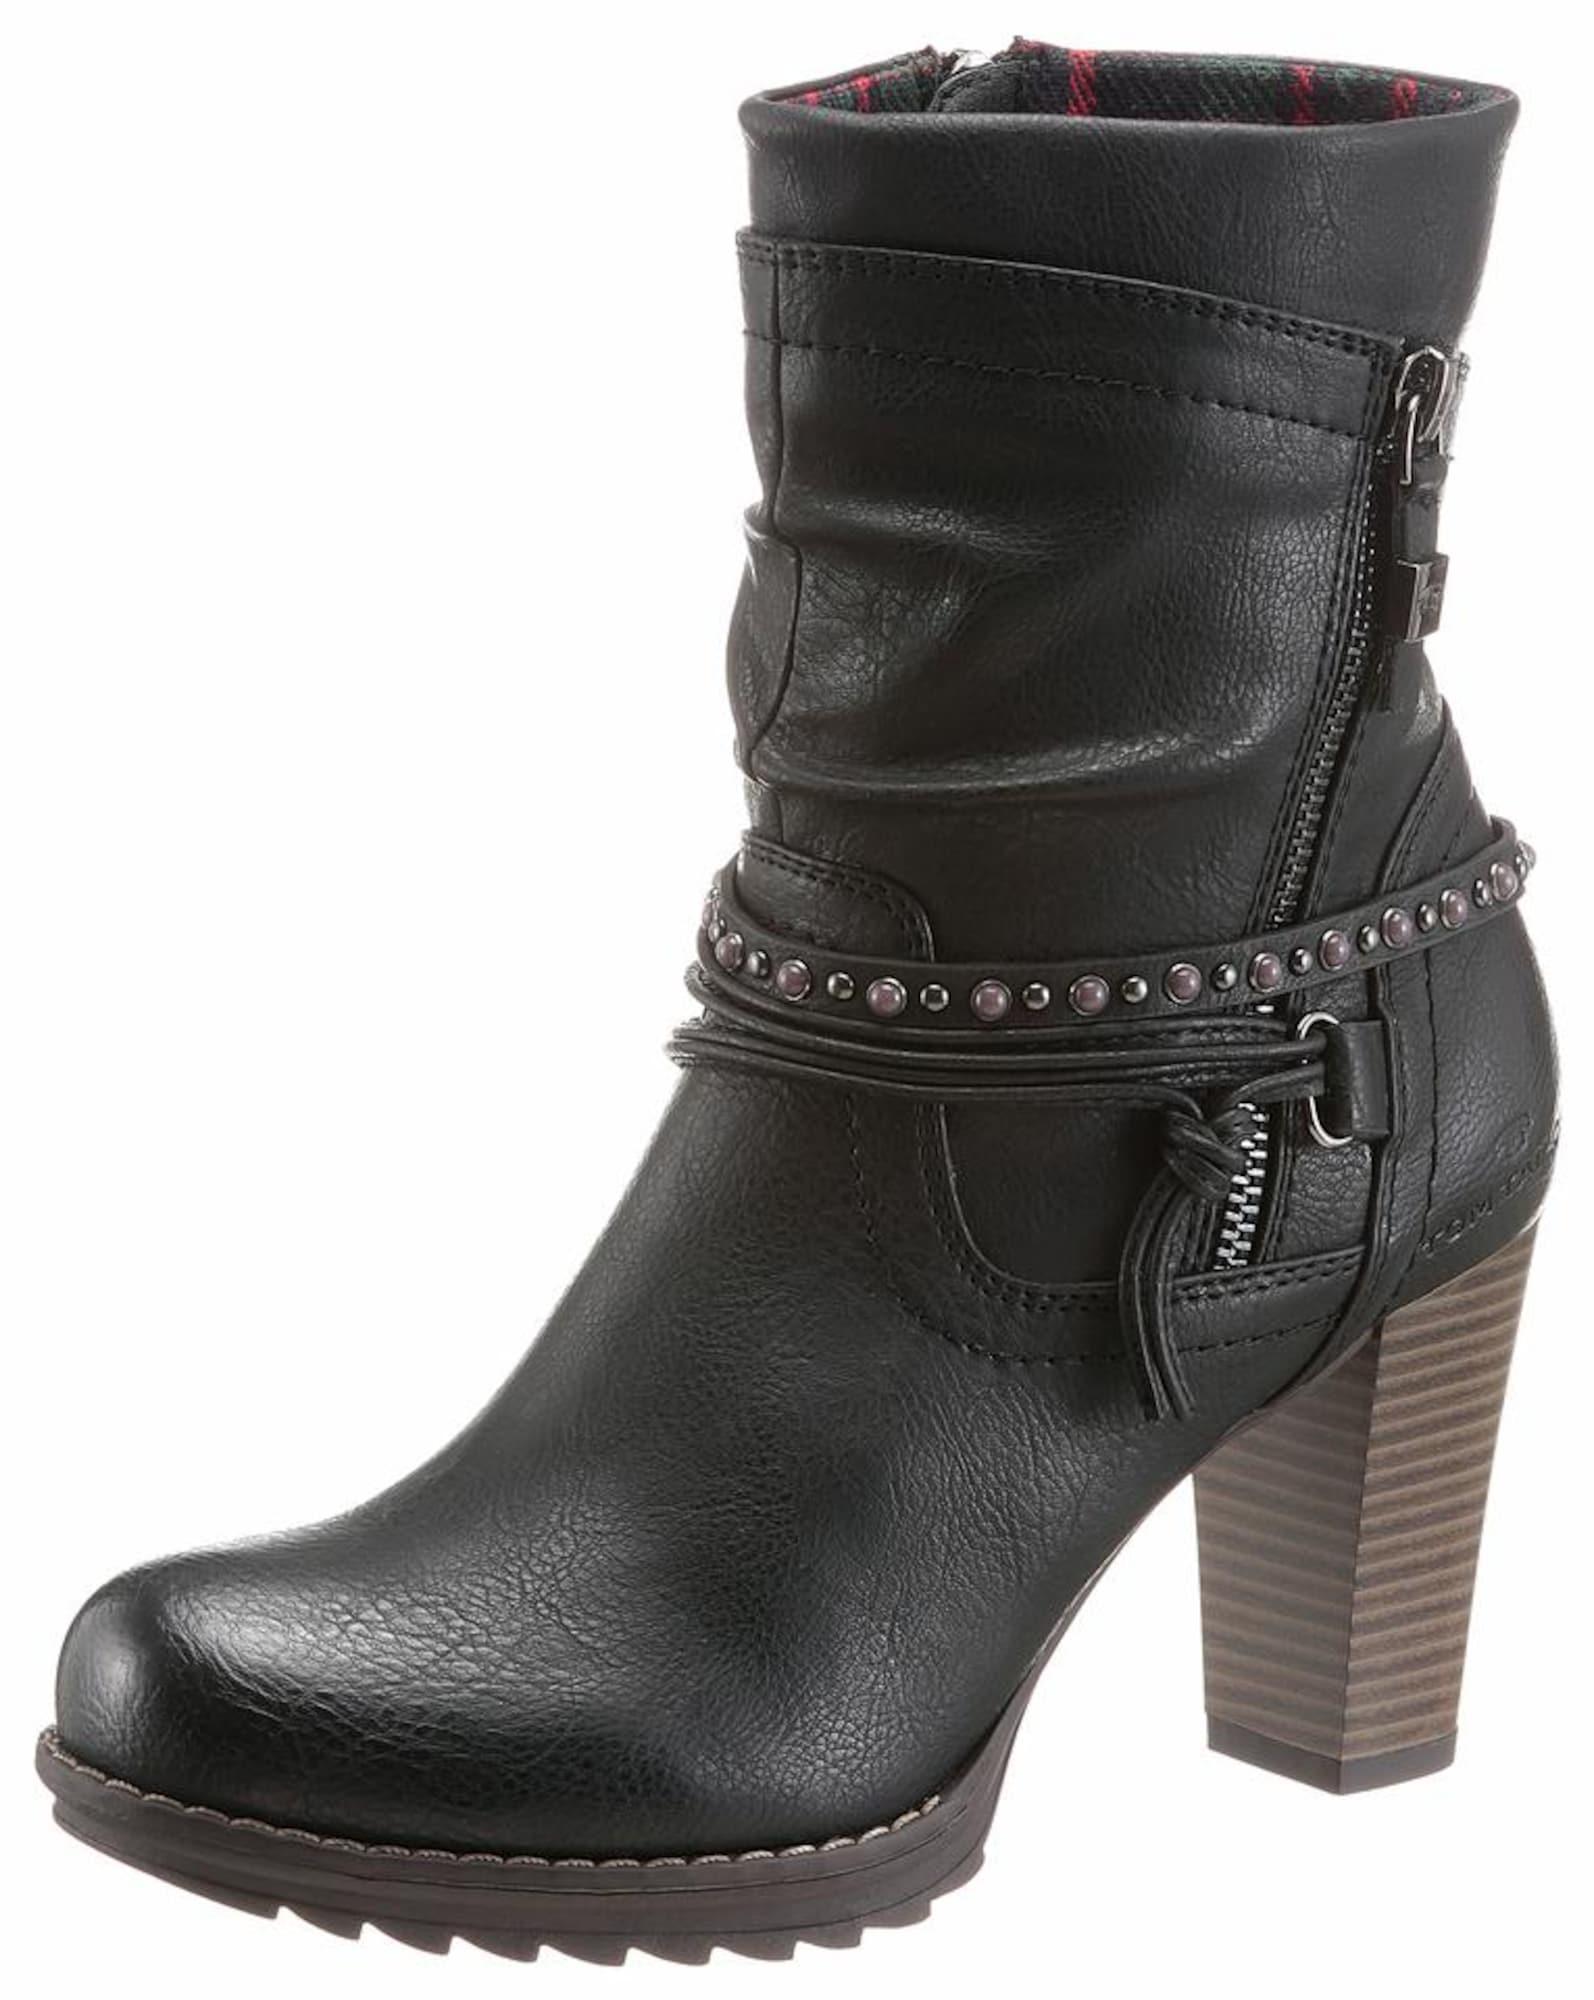 Plateaustiefelette   Schuhe > Stiefeletten > Plateaustiefeletten   Tom Tailor